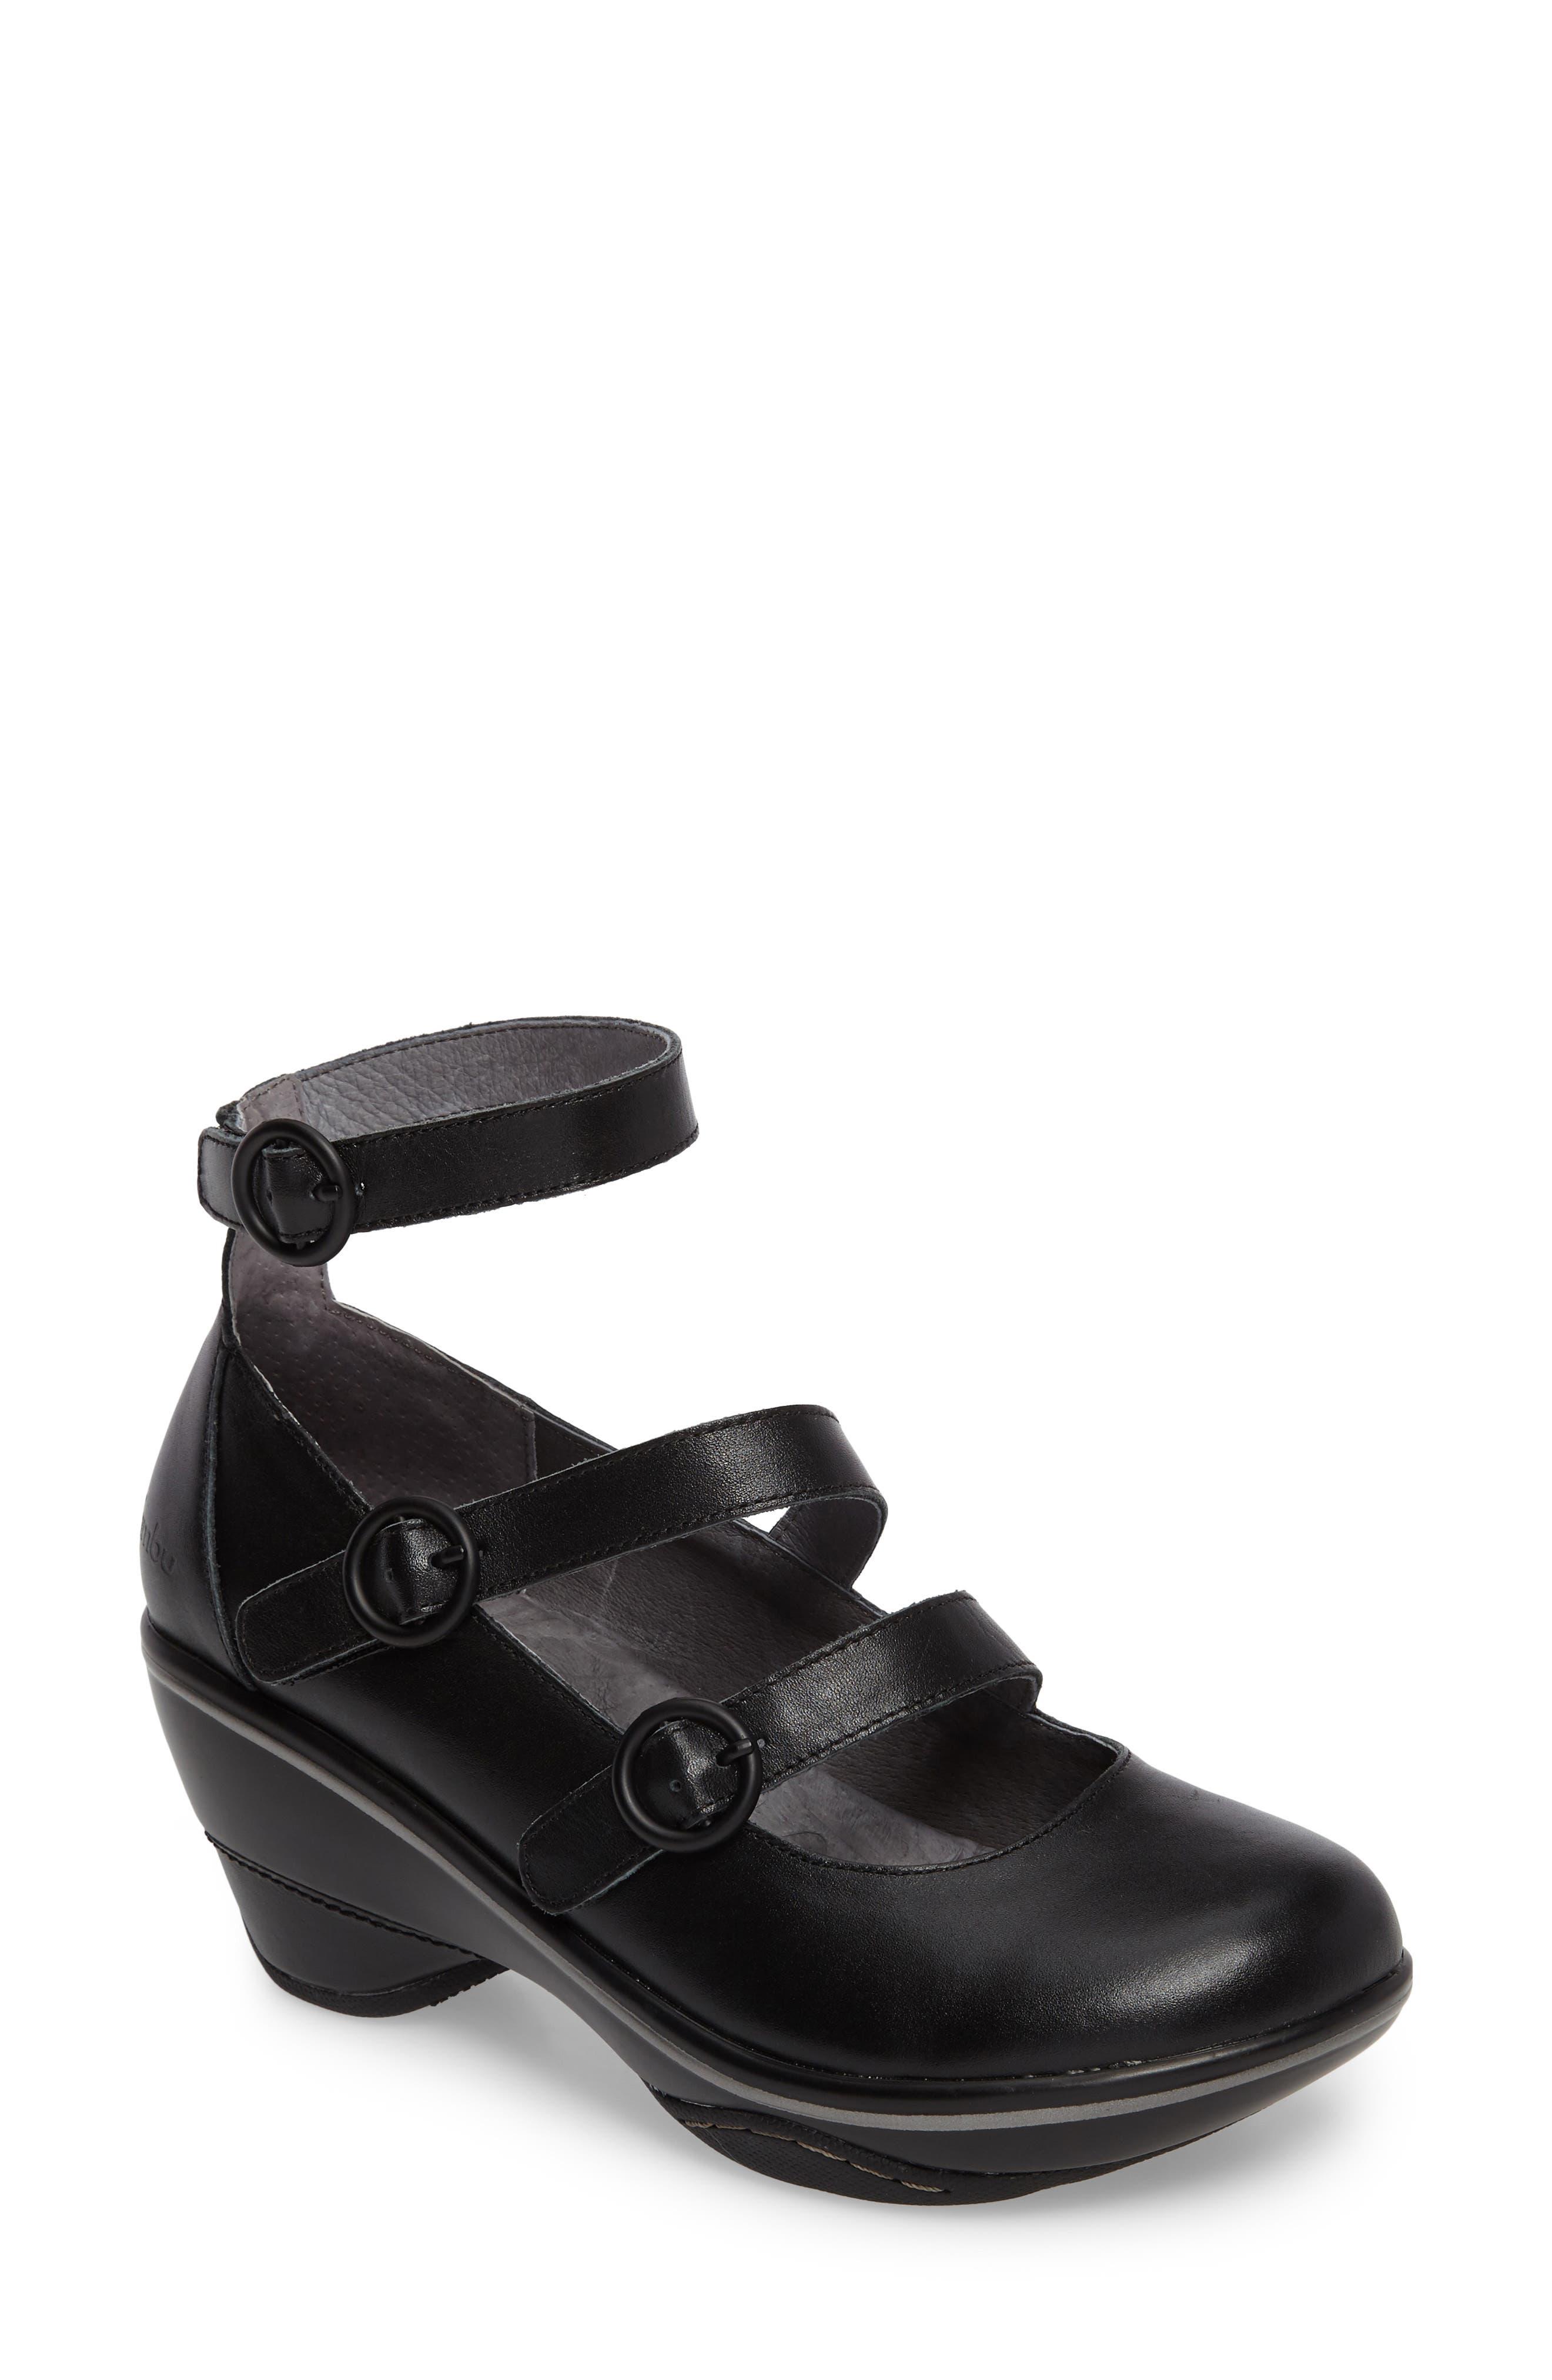 Penelope Triple Strap Pump,                         Main,                         color, Black Leather